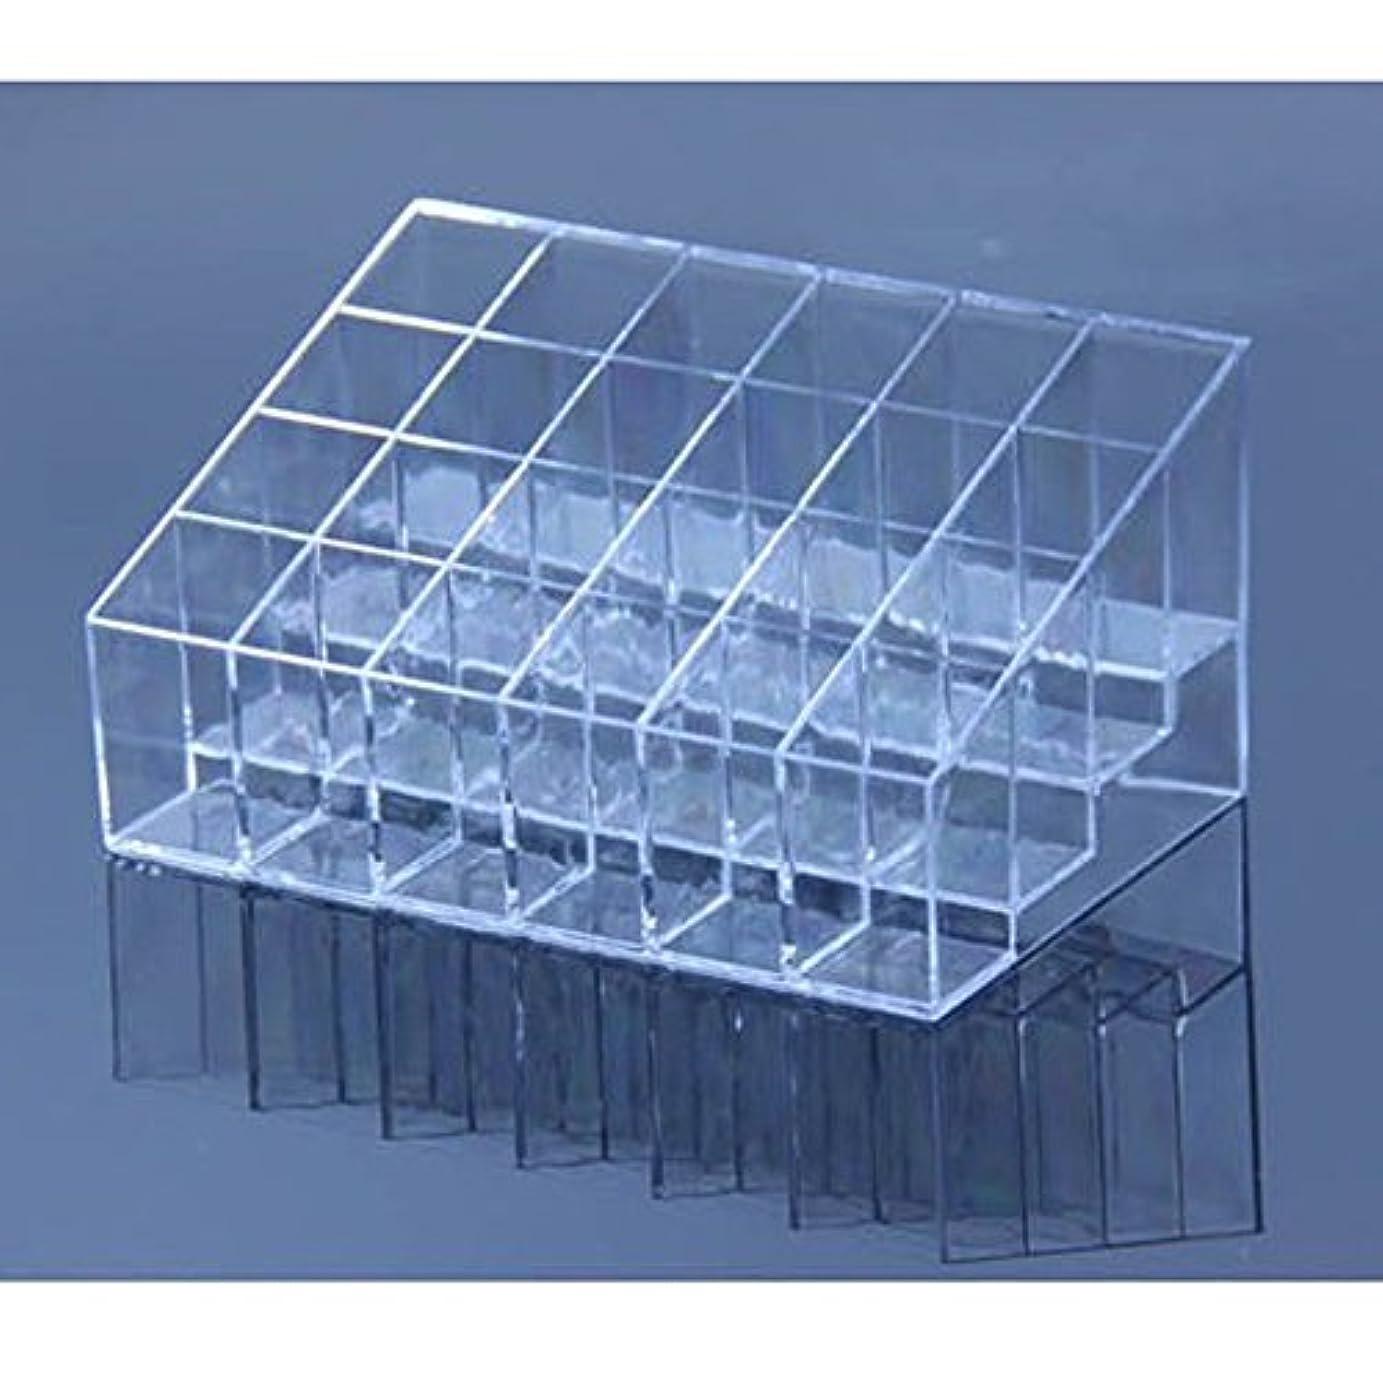 なので量で確かにAYWS 口紅ホルダー 24区透明プラスチック製 台形メイクアップ 化粧品ディスプレイスタンド リップスティック ホルダー